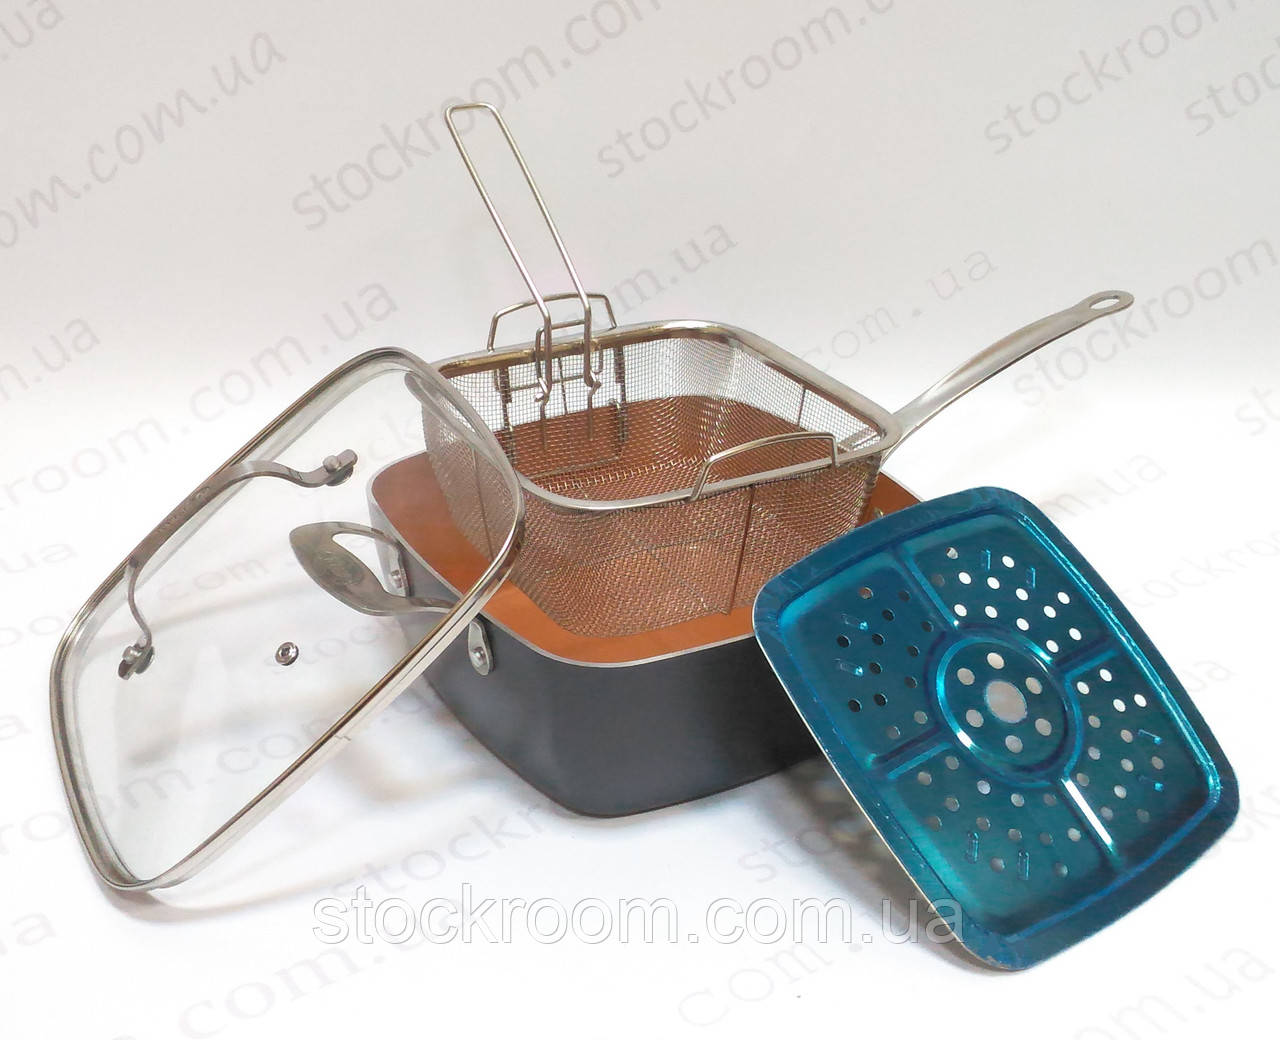 Сковорода-сотейник GOTHAM 3 в 1 многофункциональная